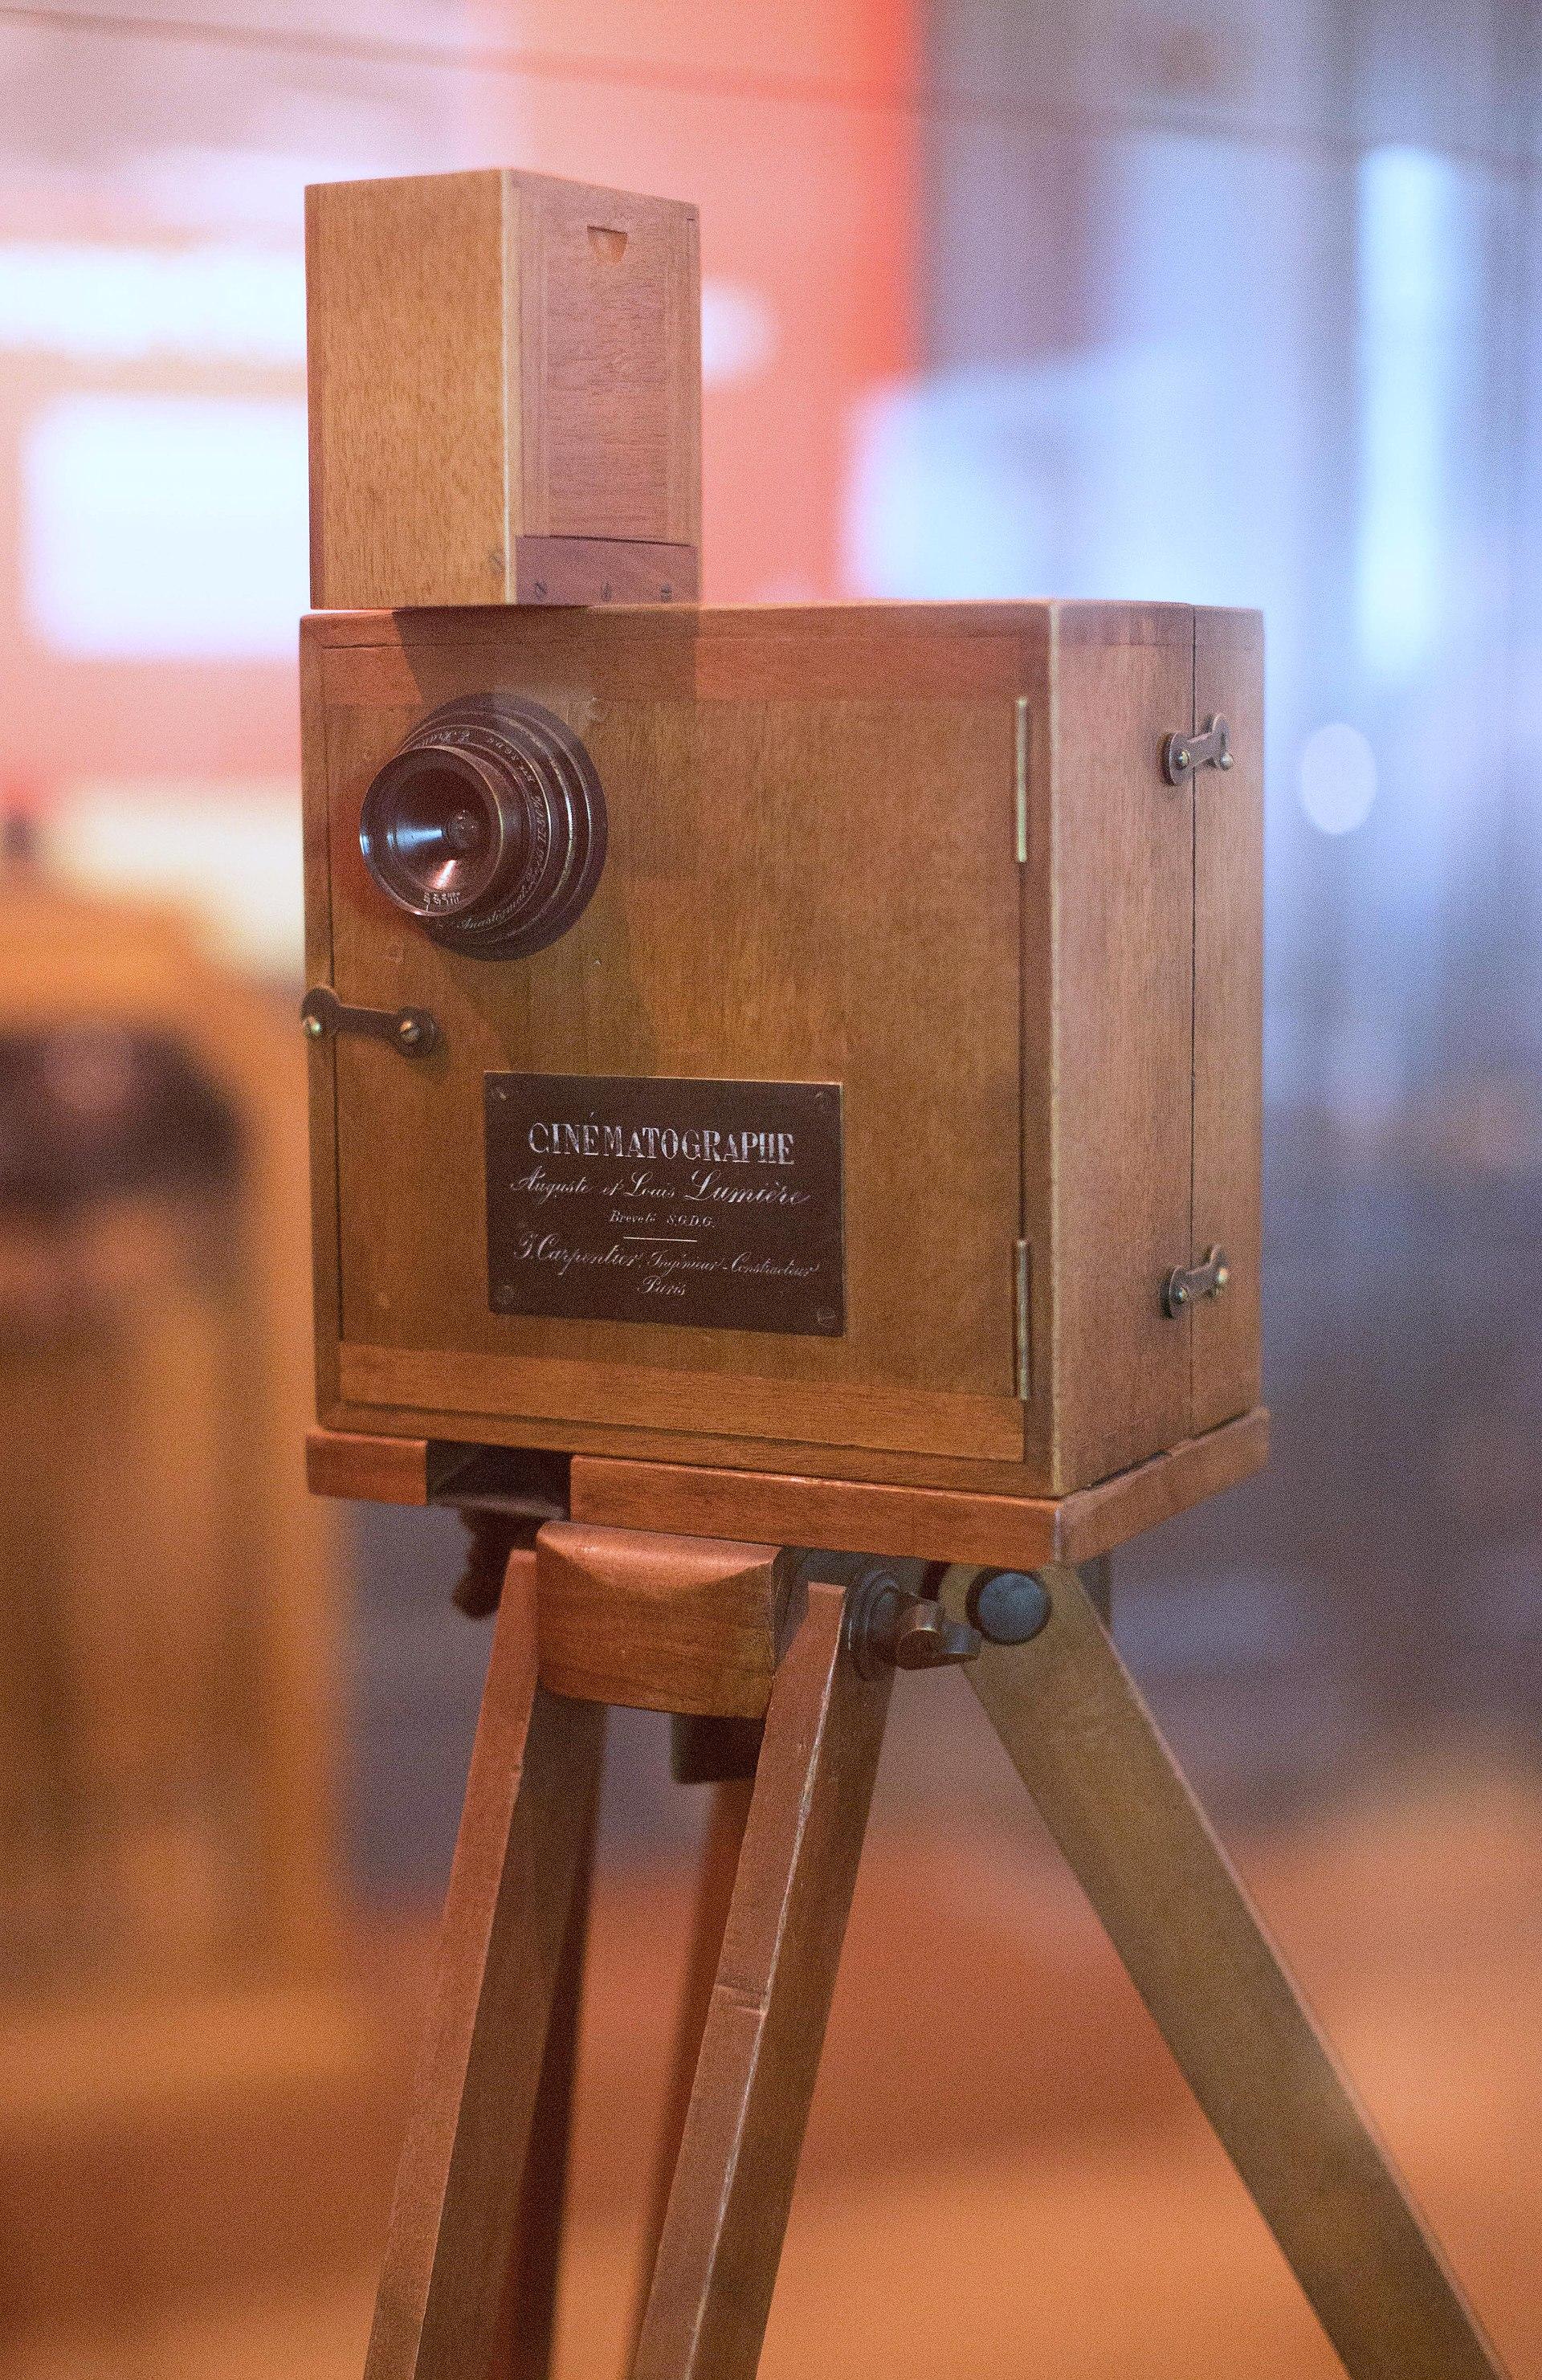 history of film technology wikipedia